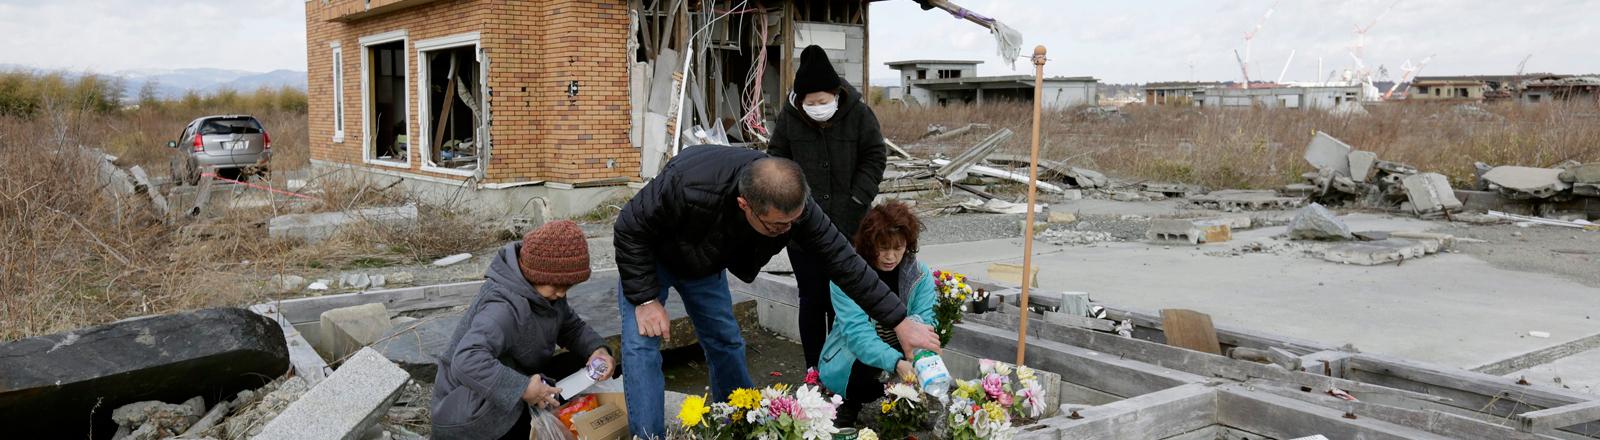 Zerstörtes Haus einer Familie in Fukushima